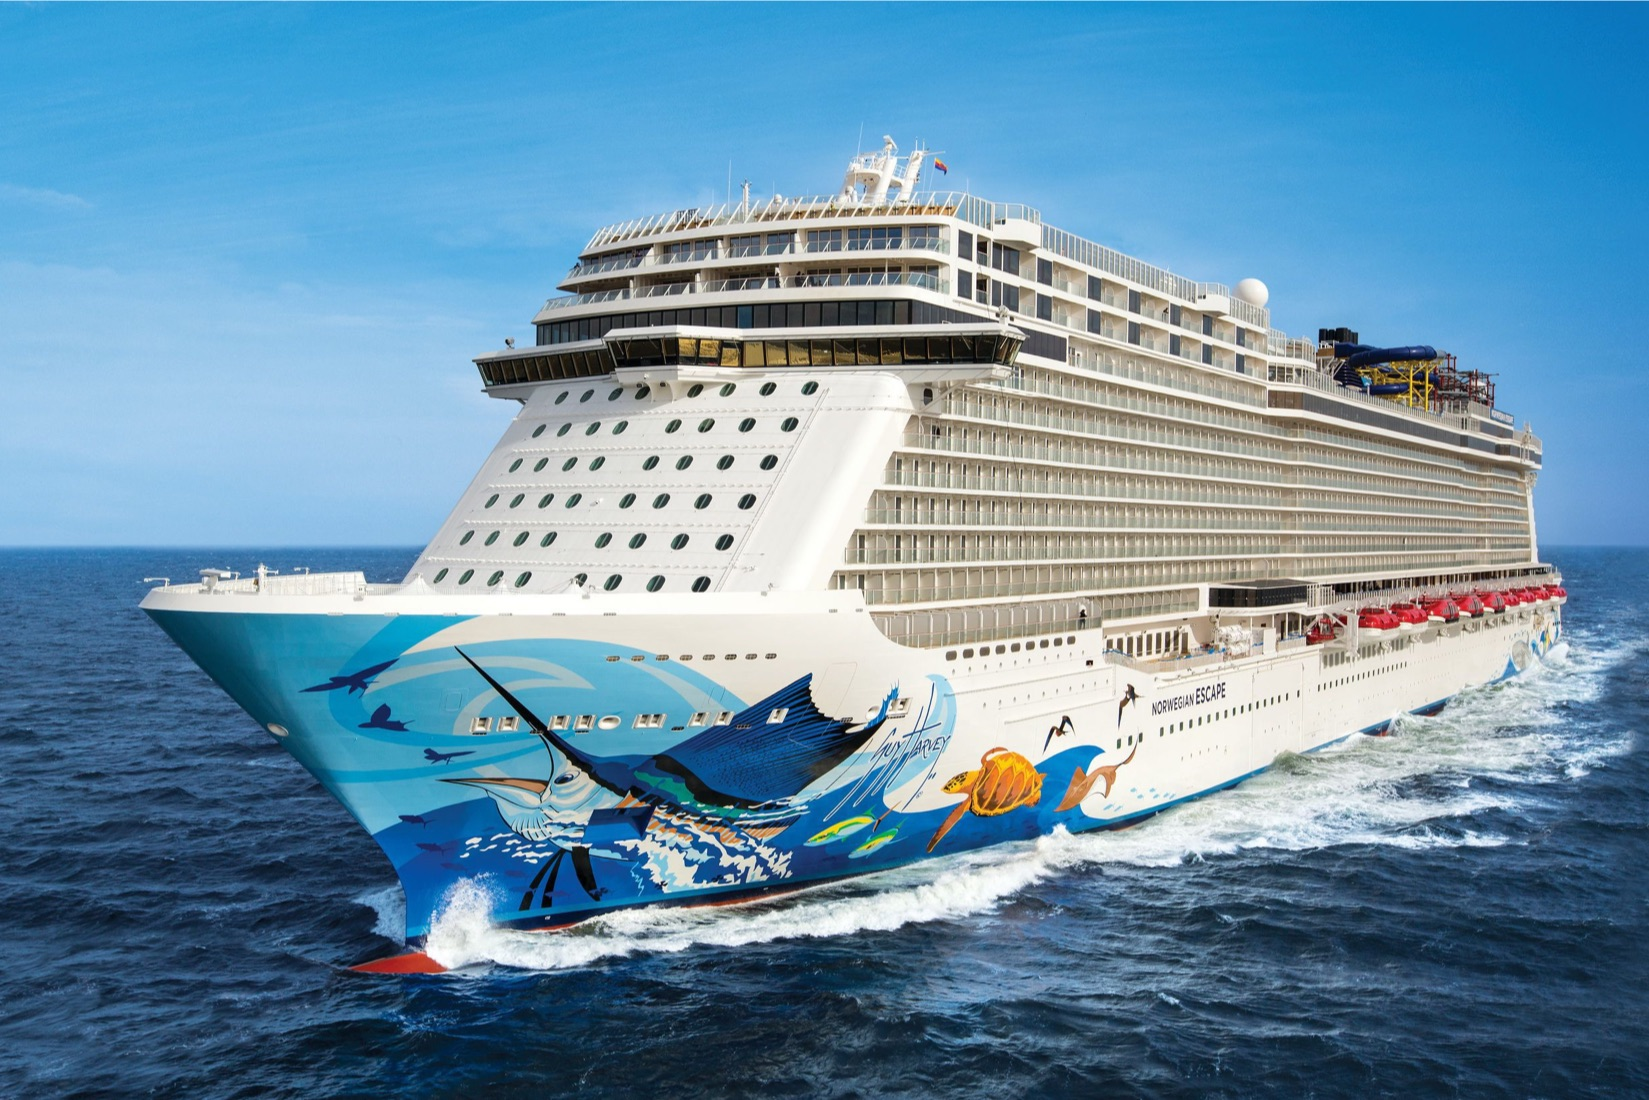 2022年 5/27 北歐豪華遊輪之旅12日 6/6 歡樂海上遊 At Sea